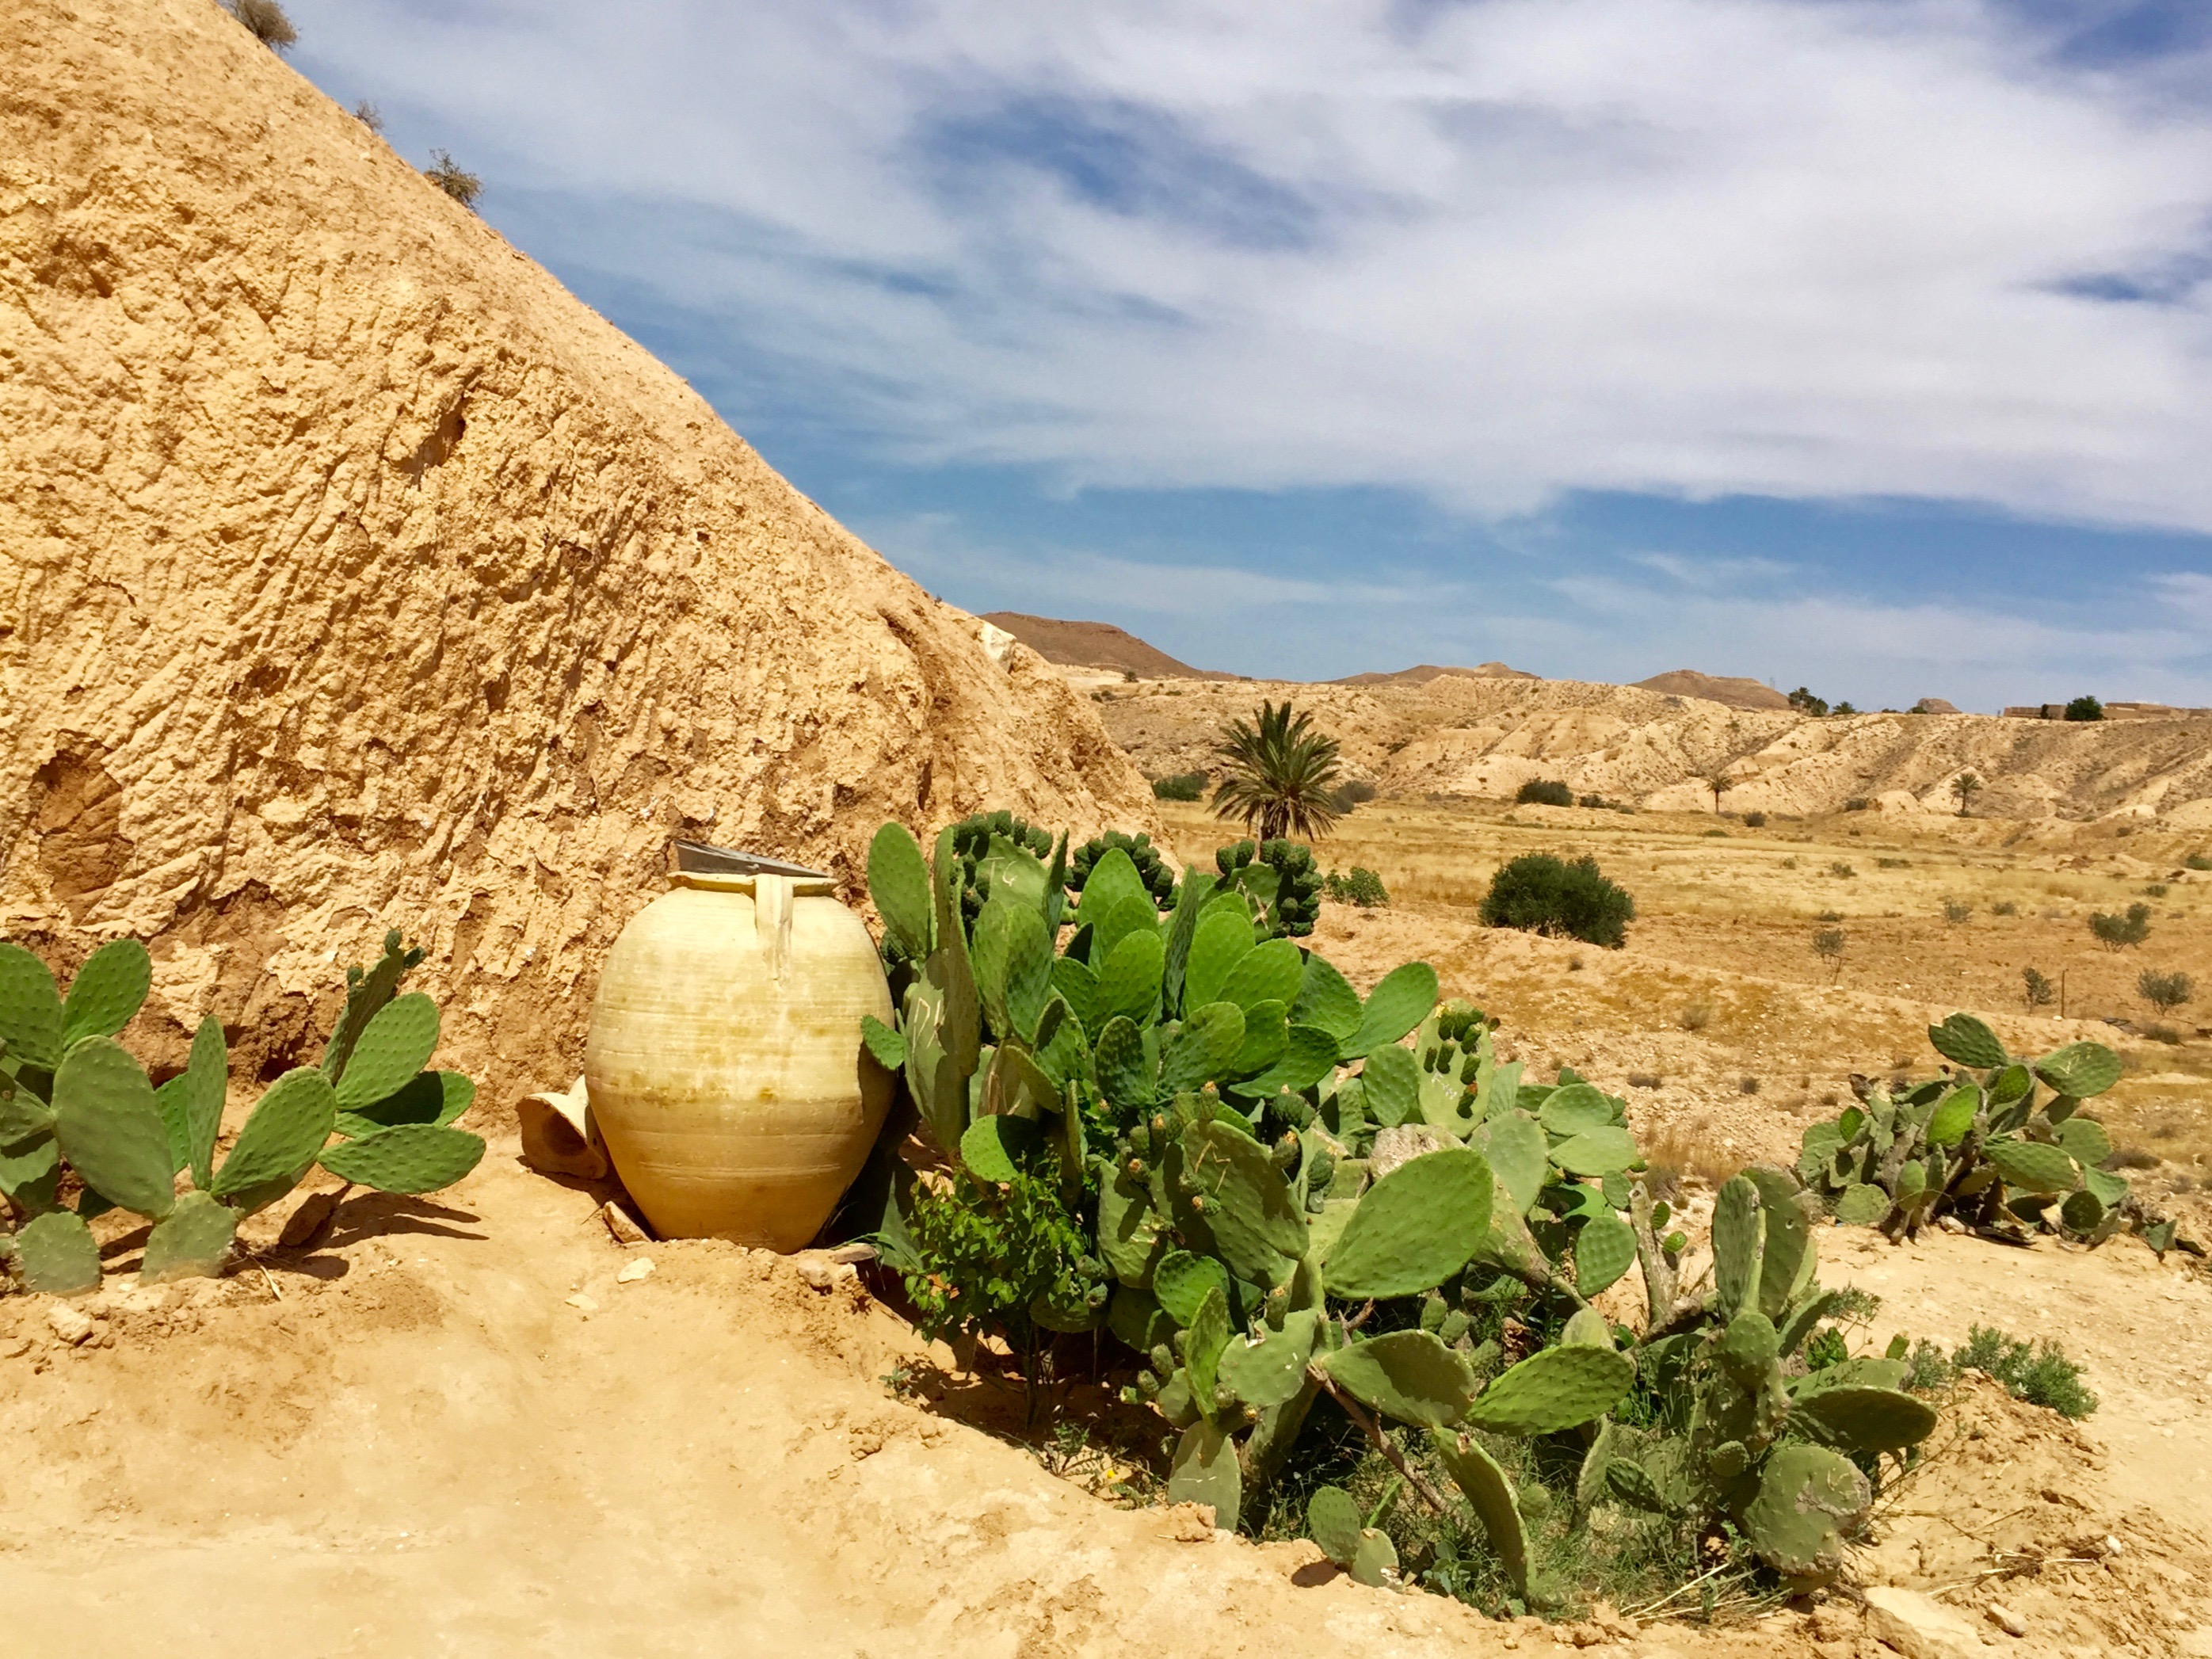 Tunisian Cactus and pot